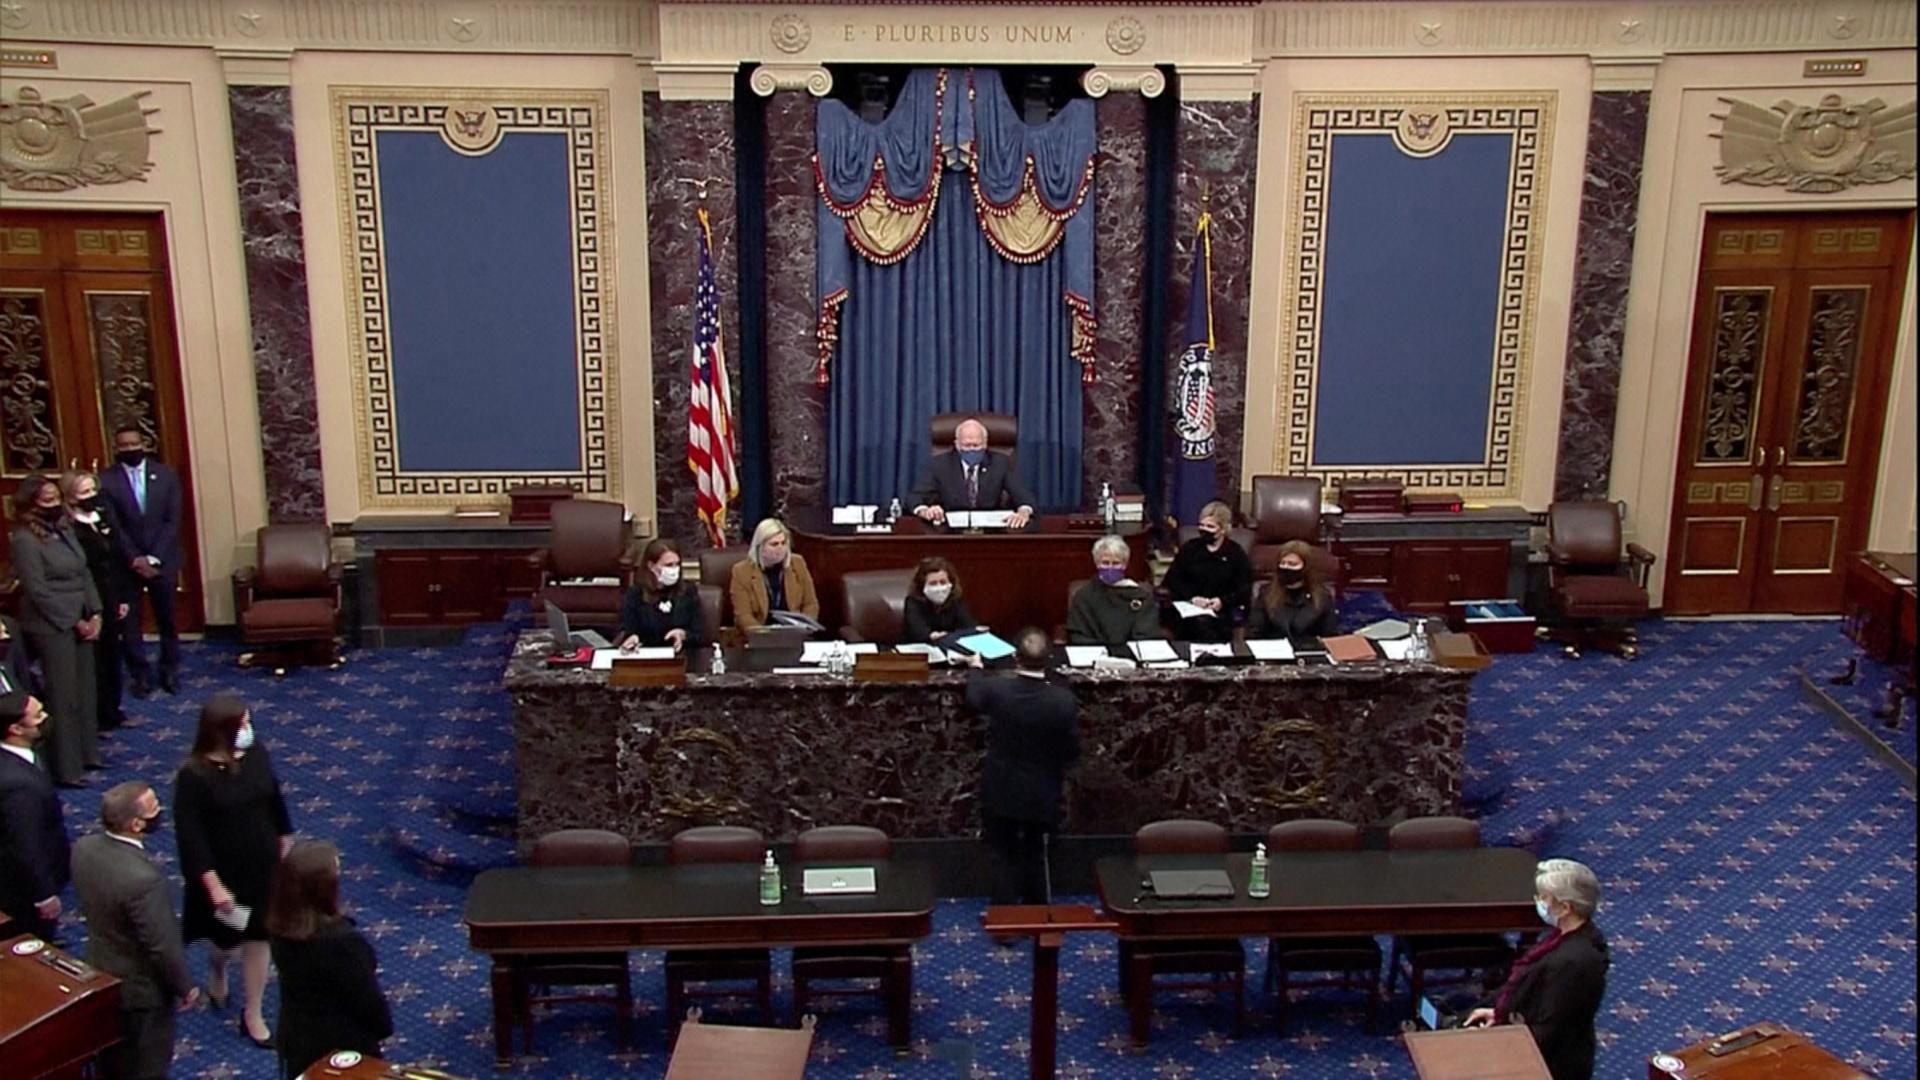 مجلس الشيوخ الأمريكي يتسلم تشريعا خاصا بعزل الرئيس السابق، دونالد ترامب.